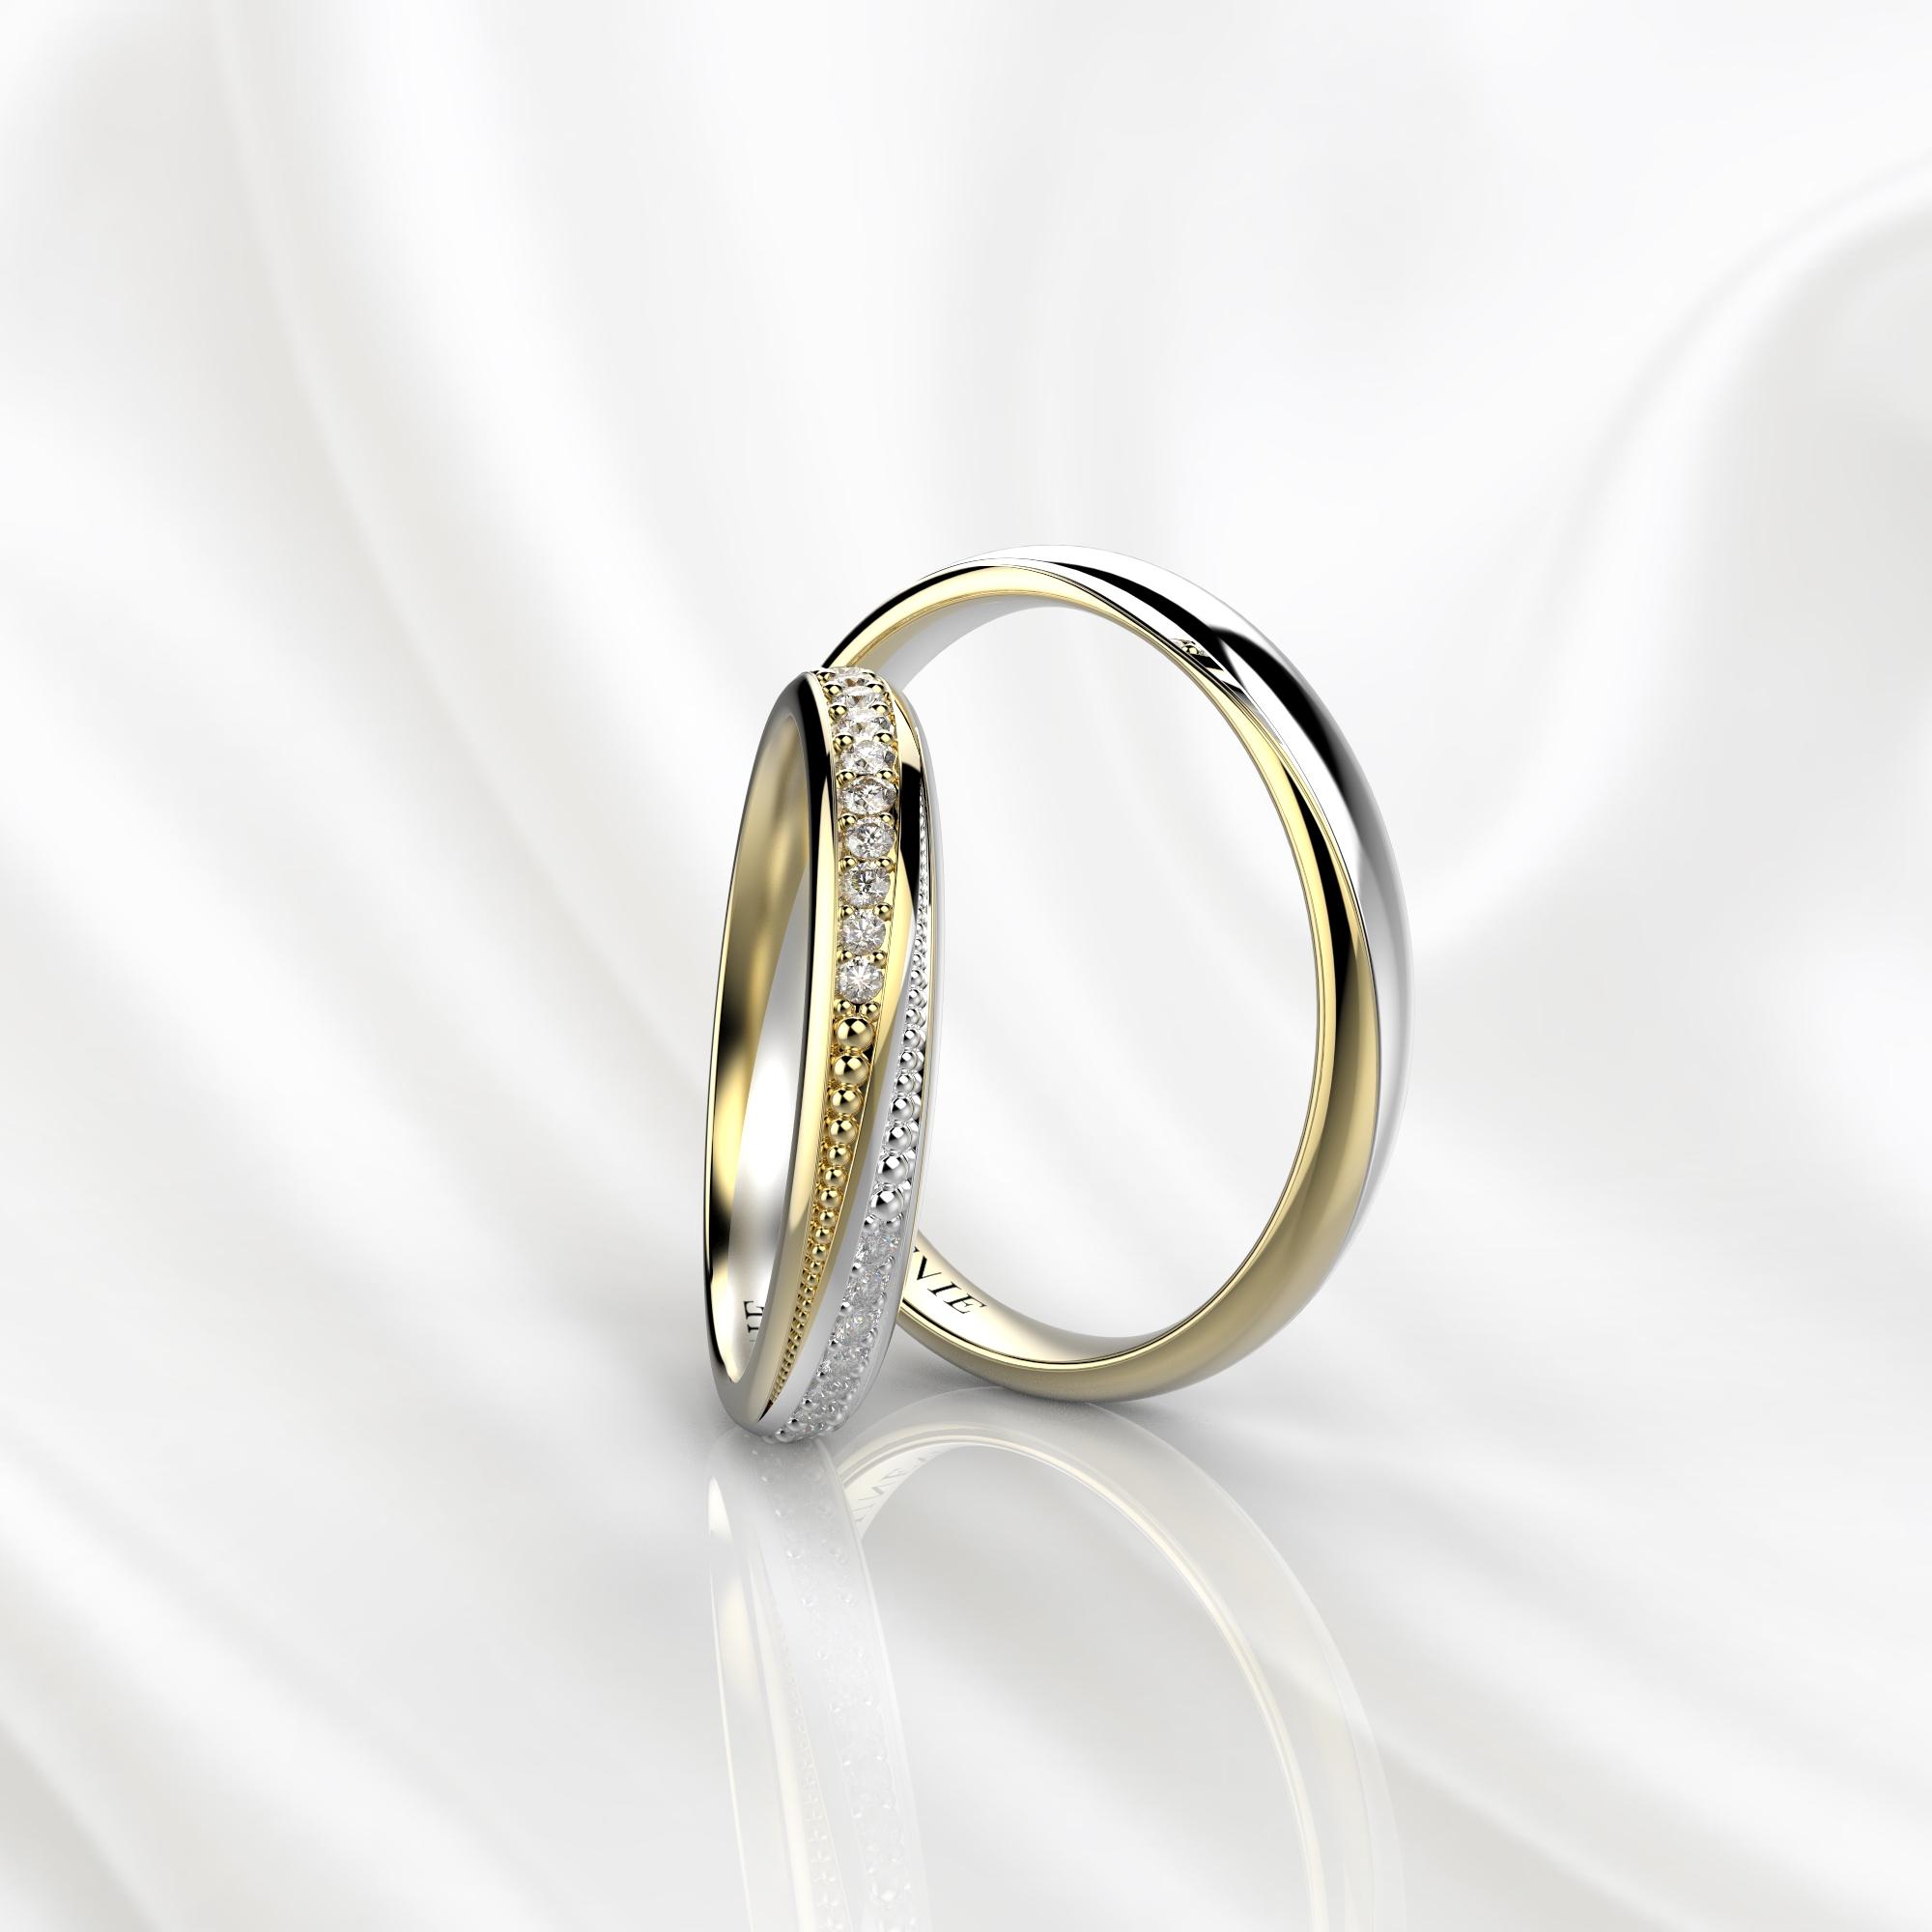 NV38 Обручальные кольца из желто-белого золота с бриллиантами